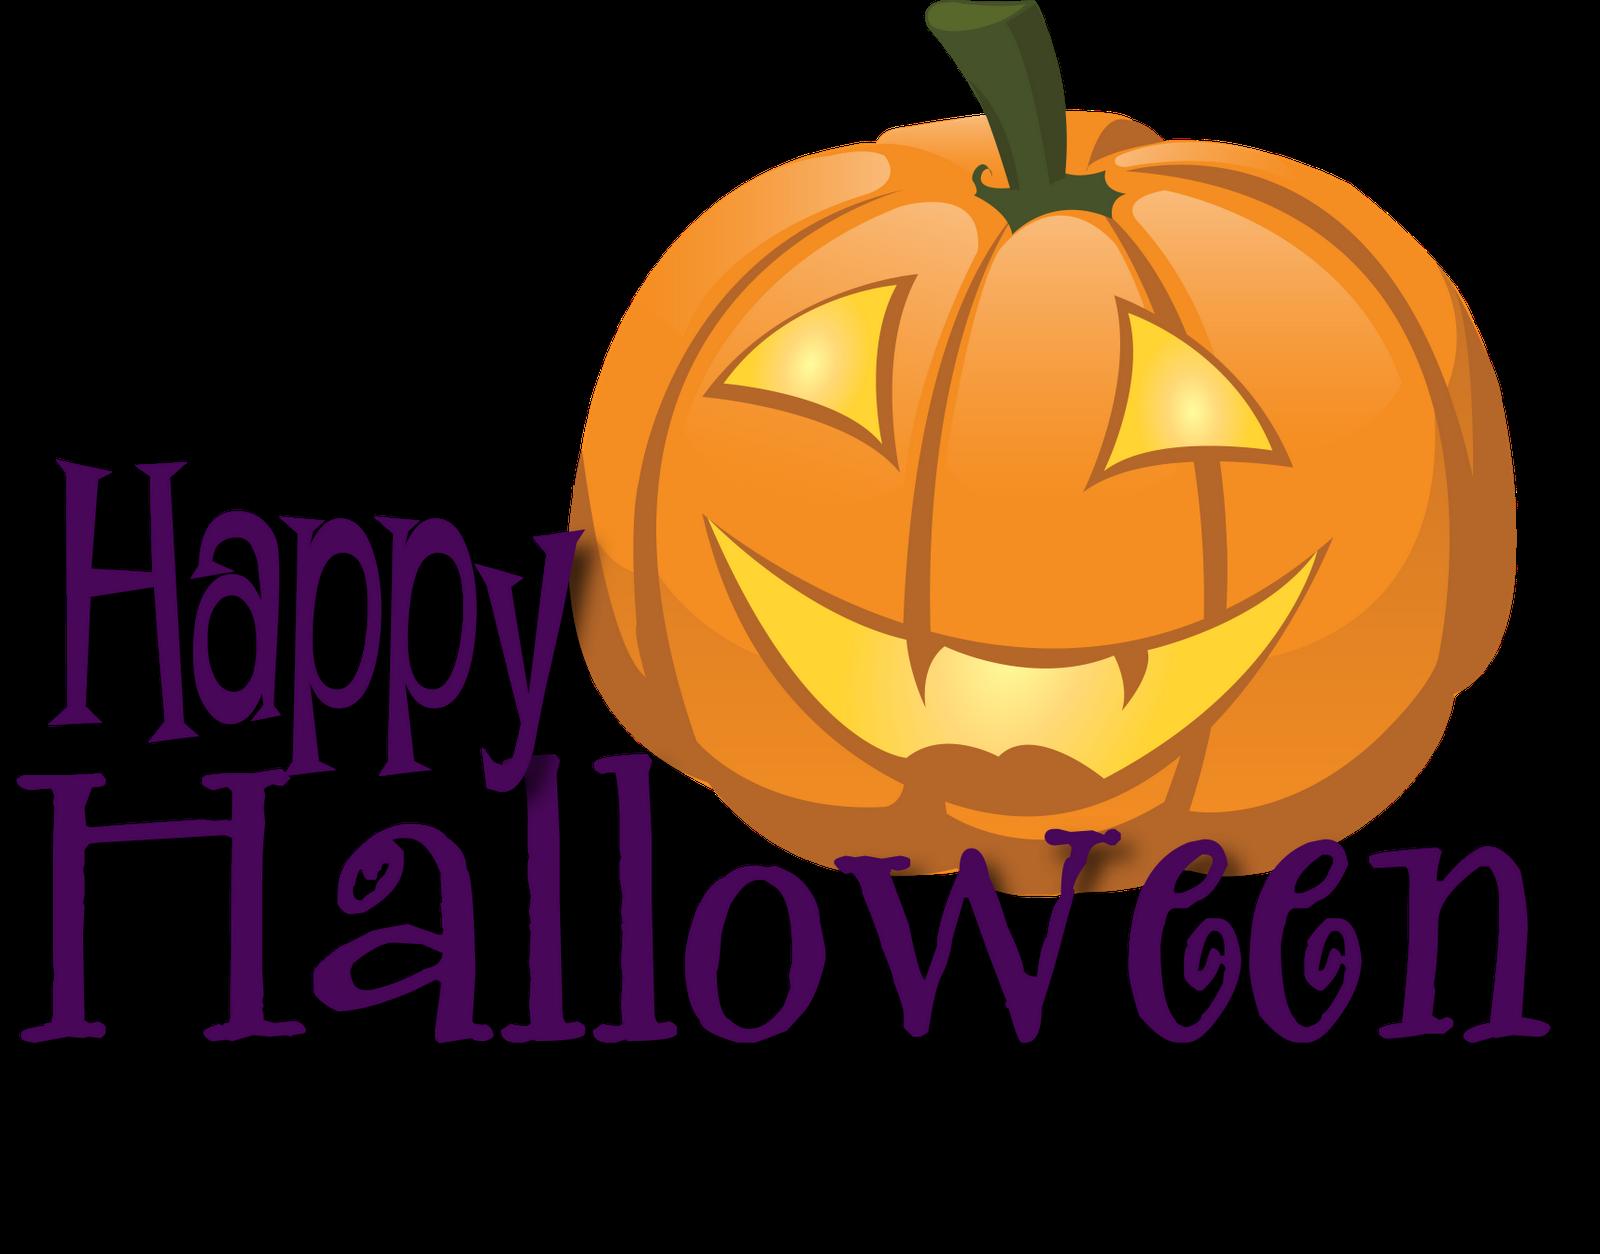 Around the Spiral with Edward Lifegem: Happy Halloween! - Happy Halloween